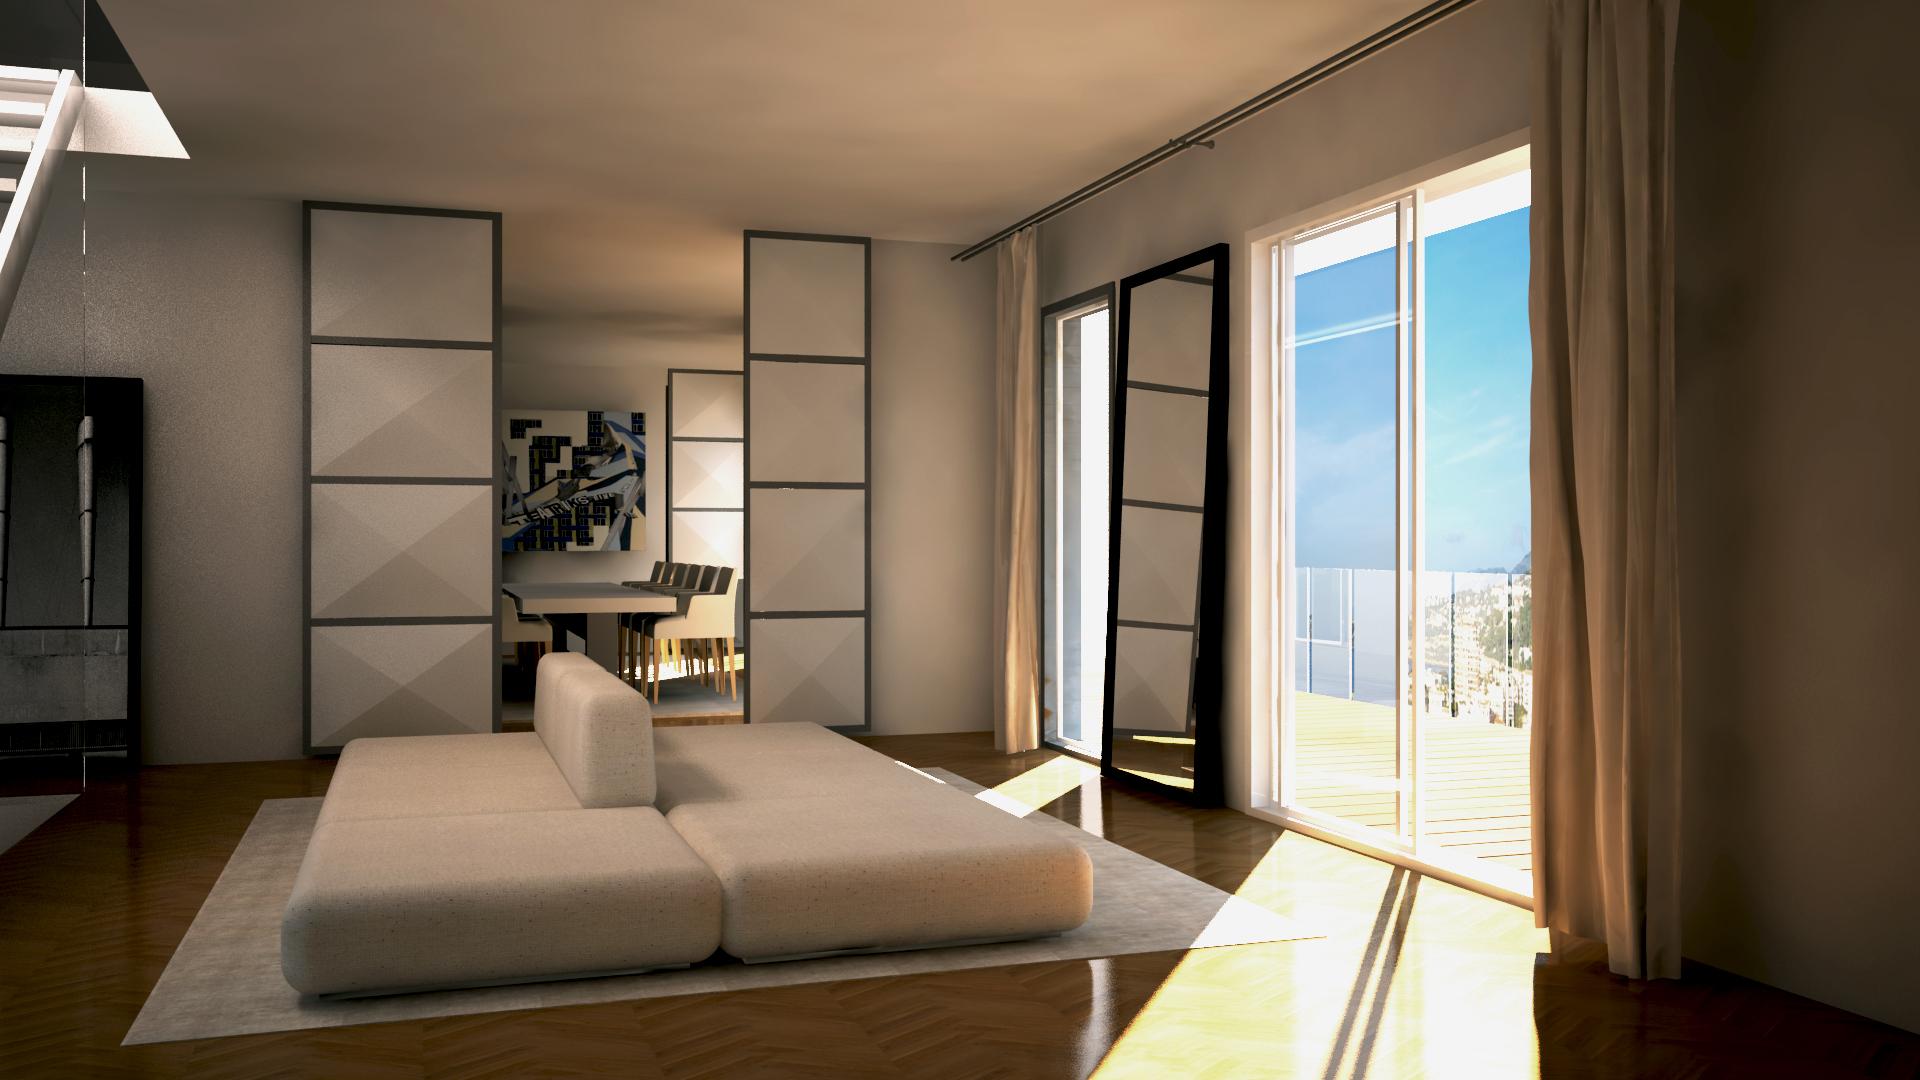 Architettura d 39 interni professione design - Architettura design interni ...